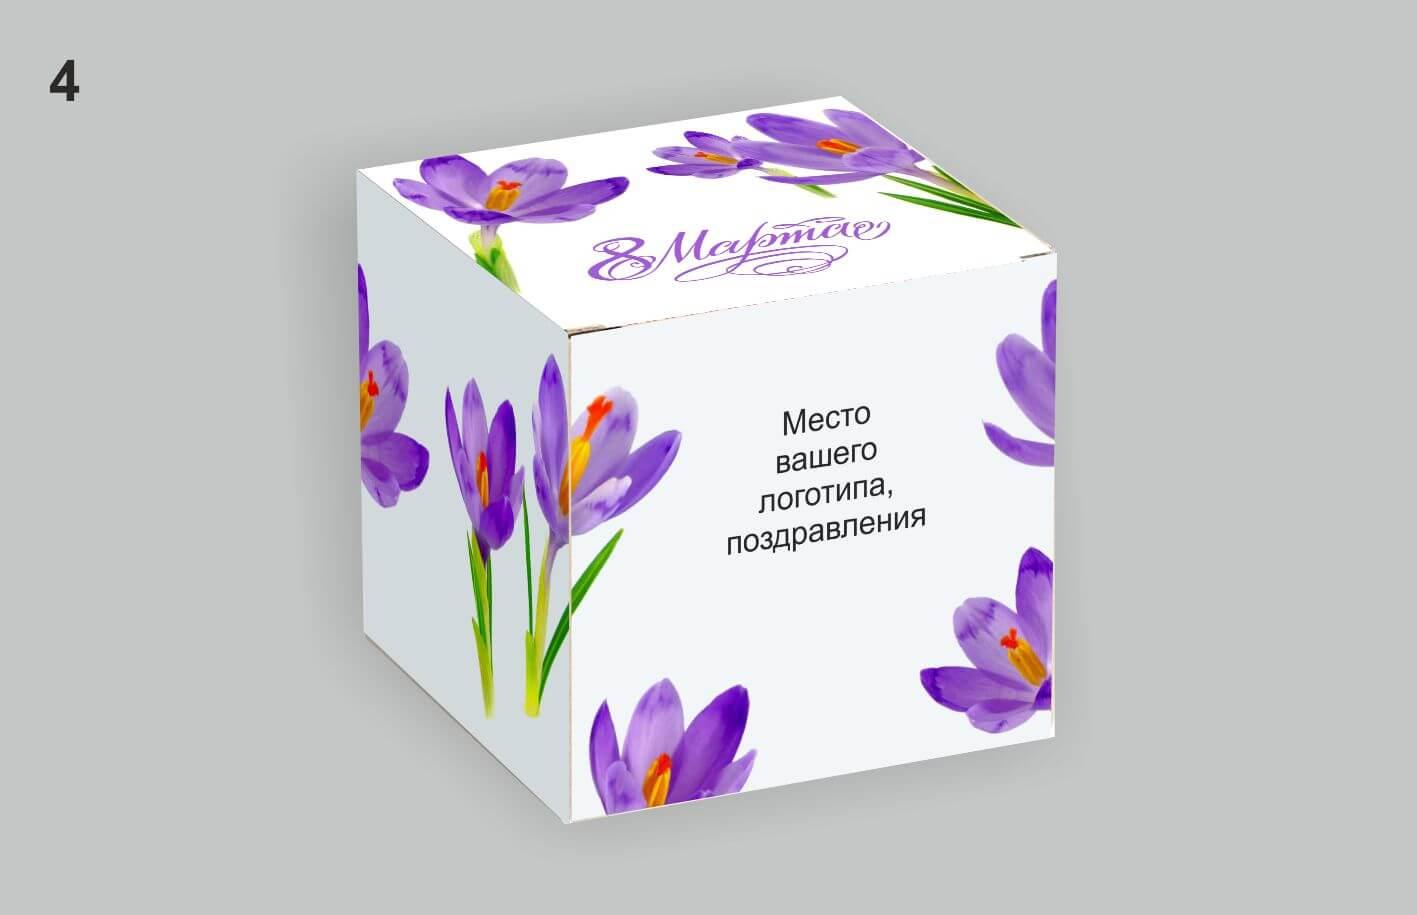 коробка под кружку на 8 марта для варианта 3